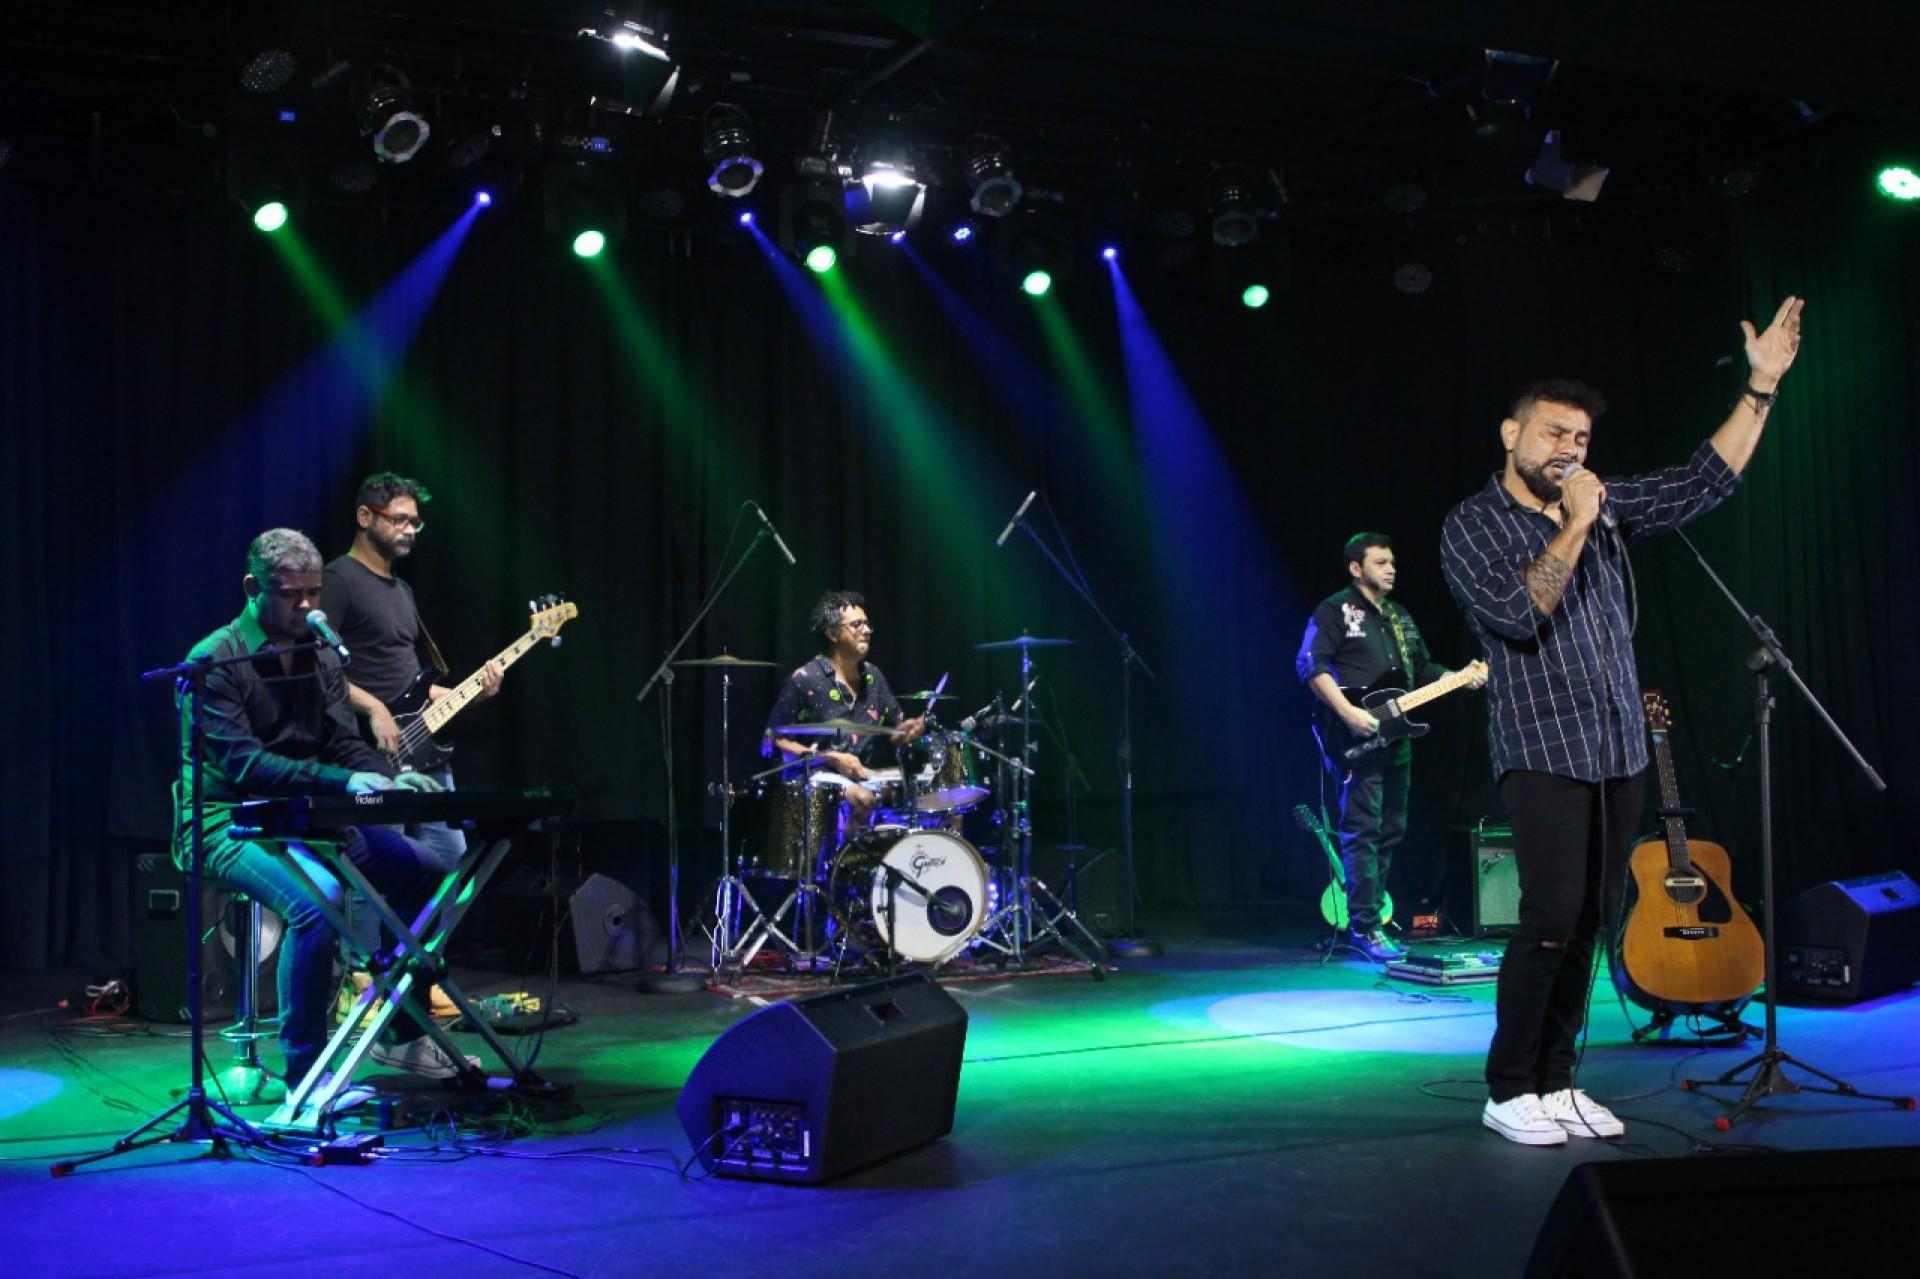 A banda cearense Coda começou a realizar covers em tributo à Legião Urbana após a morte de Renato Russo (Foto: Divulgação)